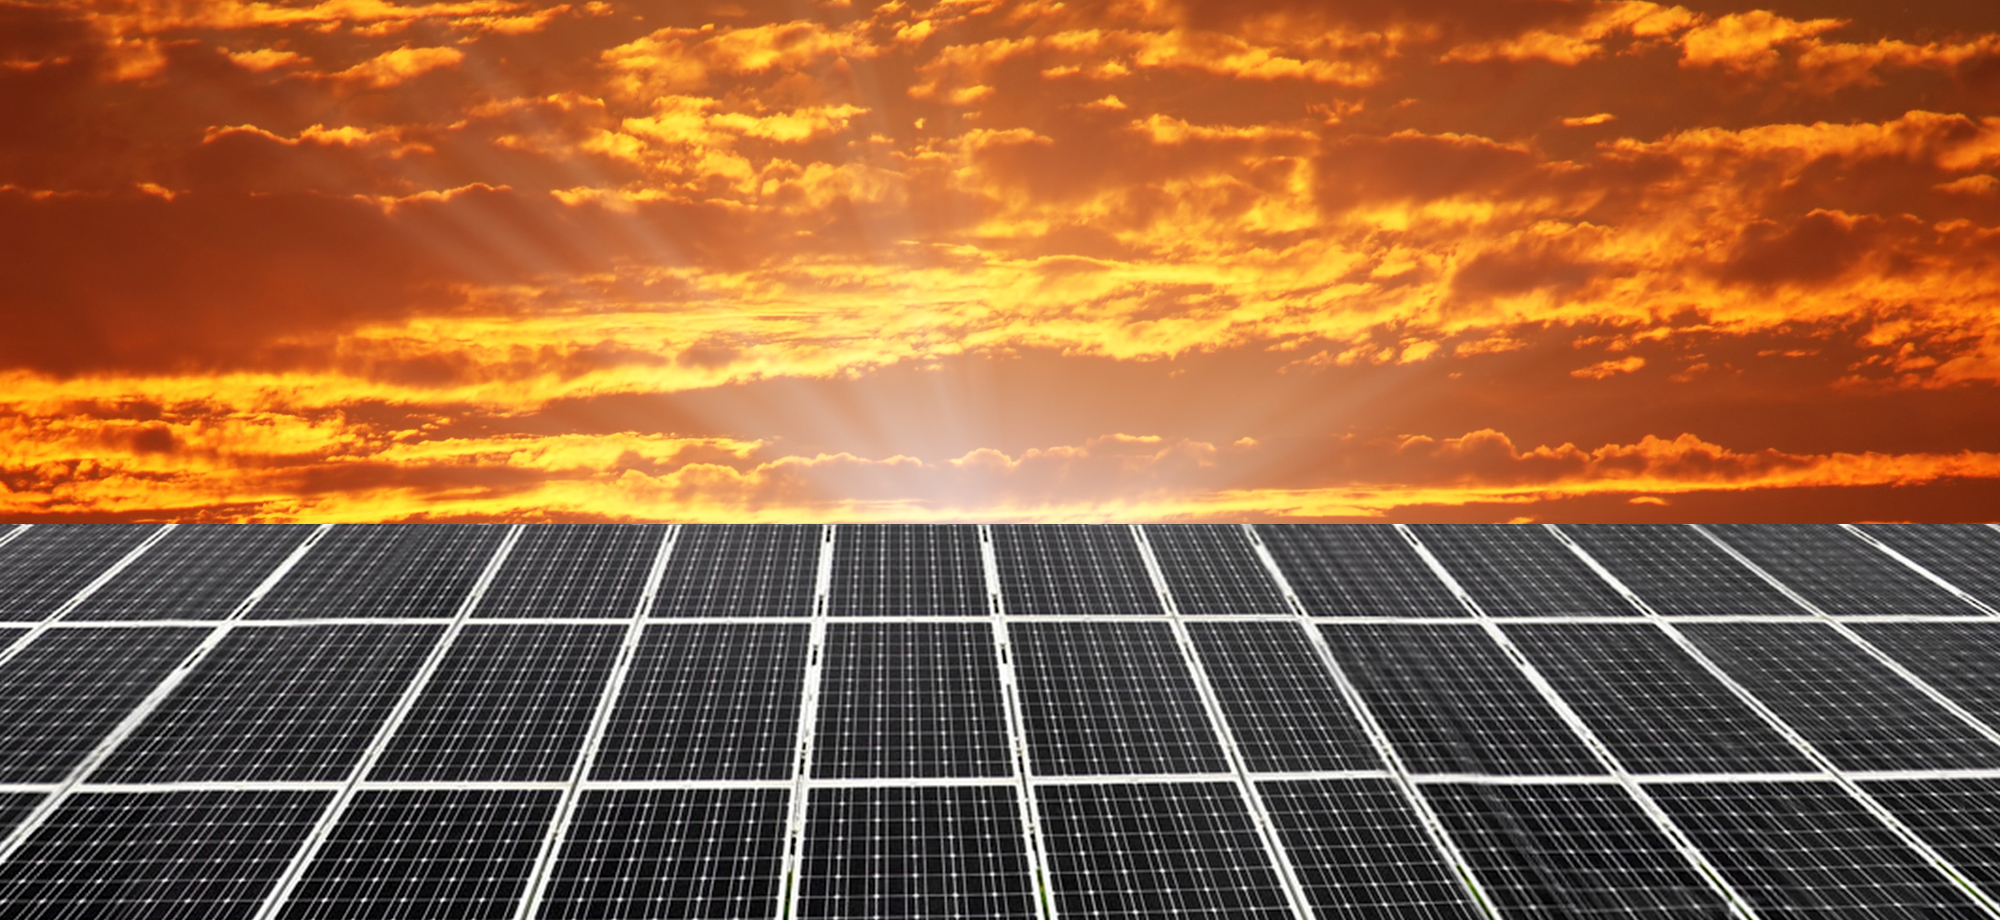 Senza decreti, le rinnovabili sono a rischio